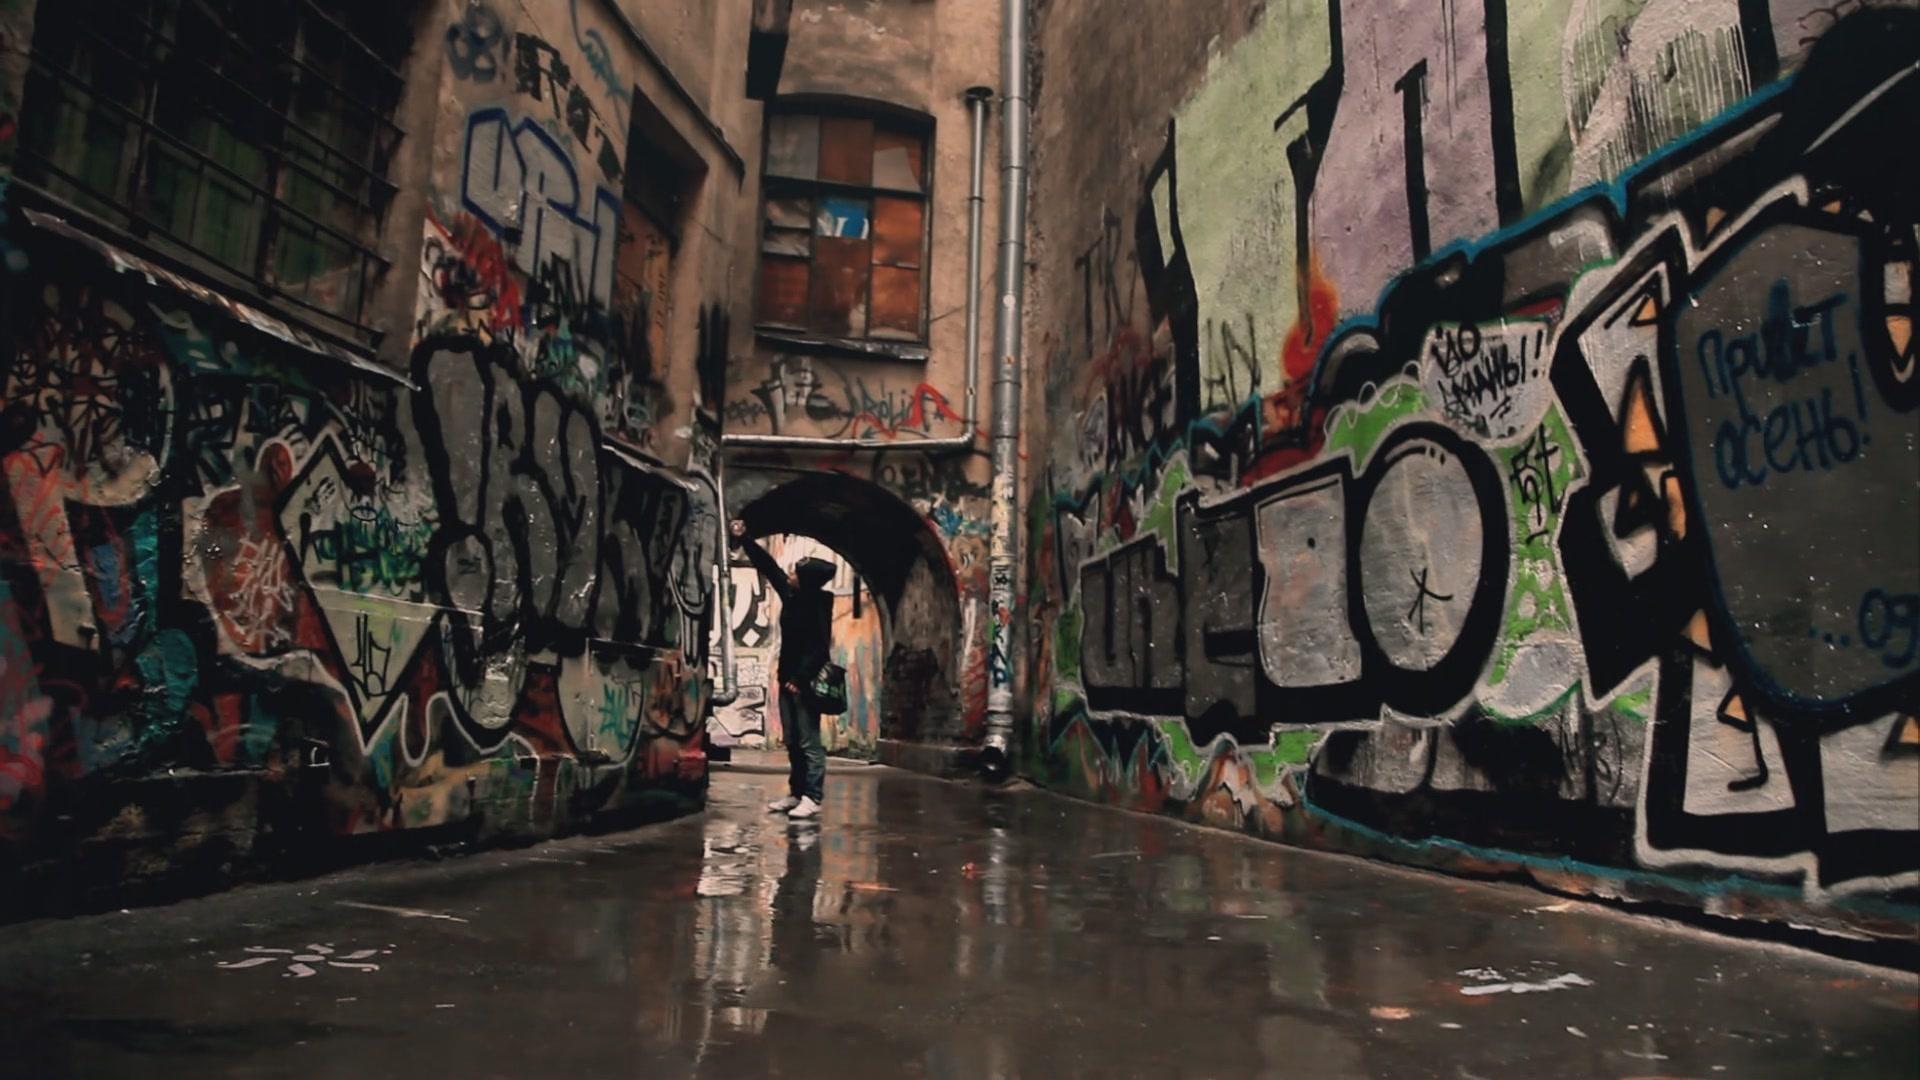 walls art graffiti artistic desktop wallpaper download walls art 1920x1080